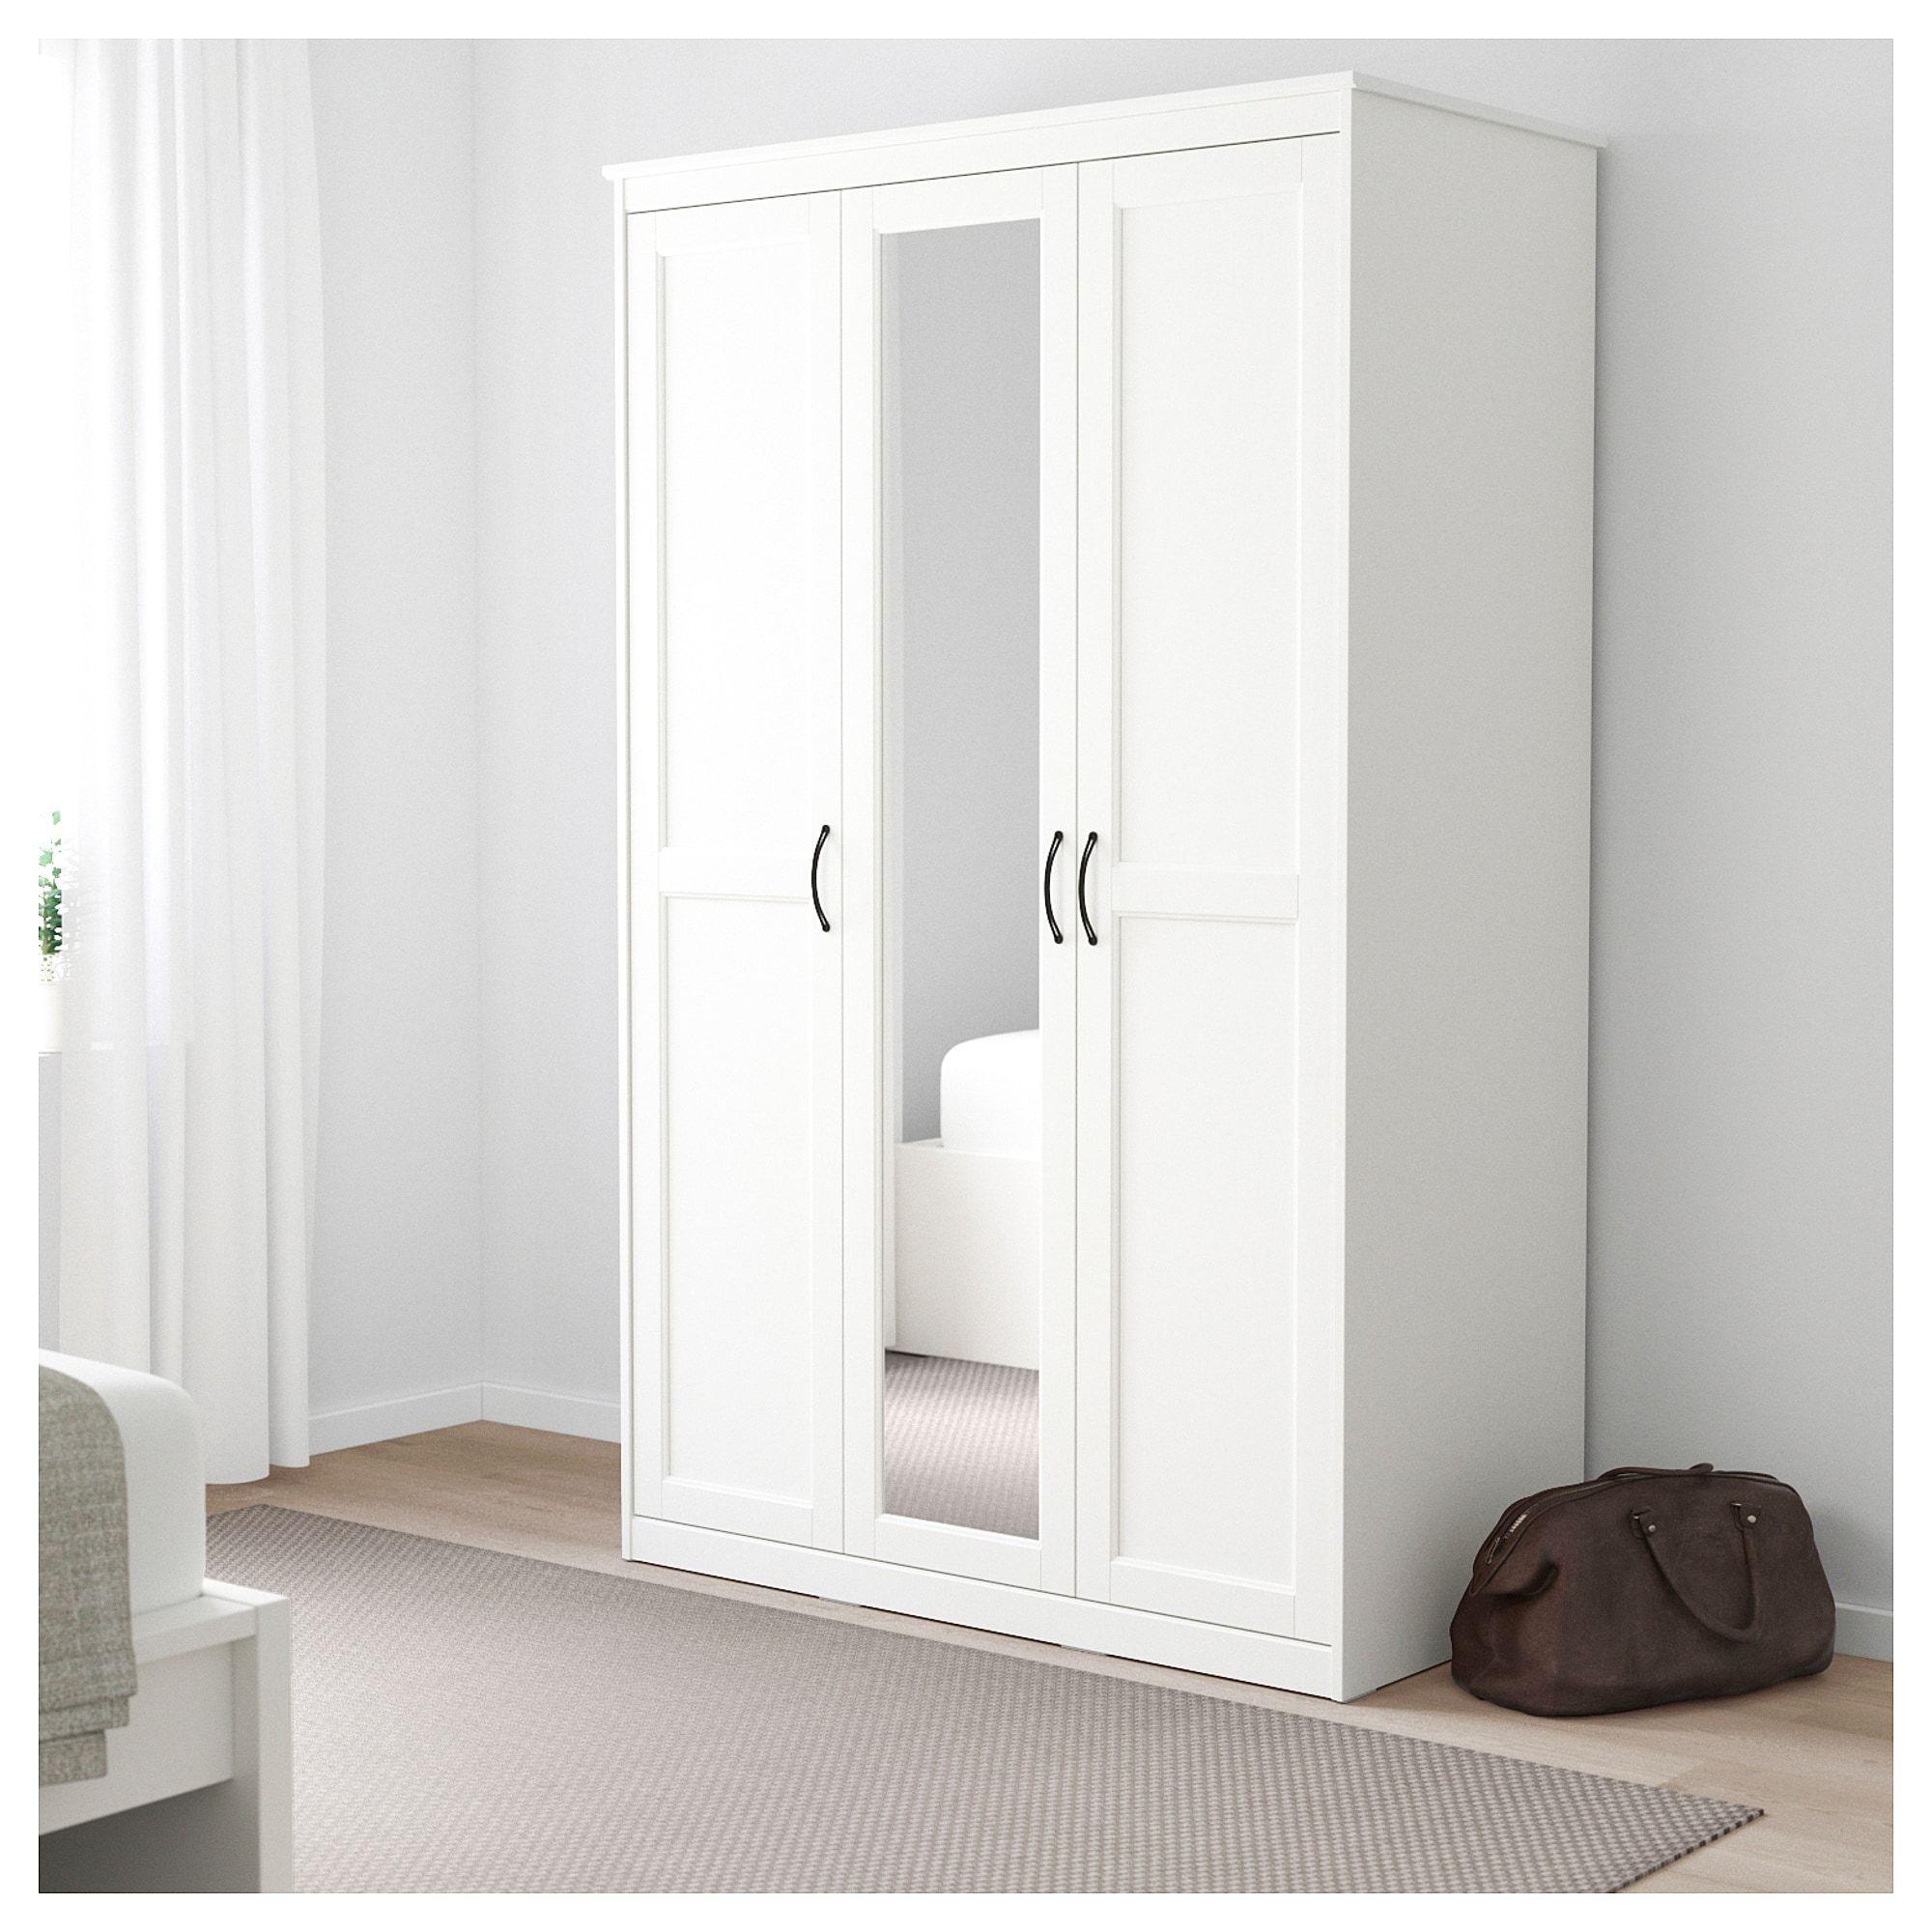 Songesand Kledingkast Wit 120x60x191 Cm Witte Kledingkast Garderobe Kast Kast Slaapkamer